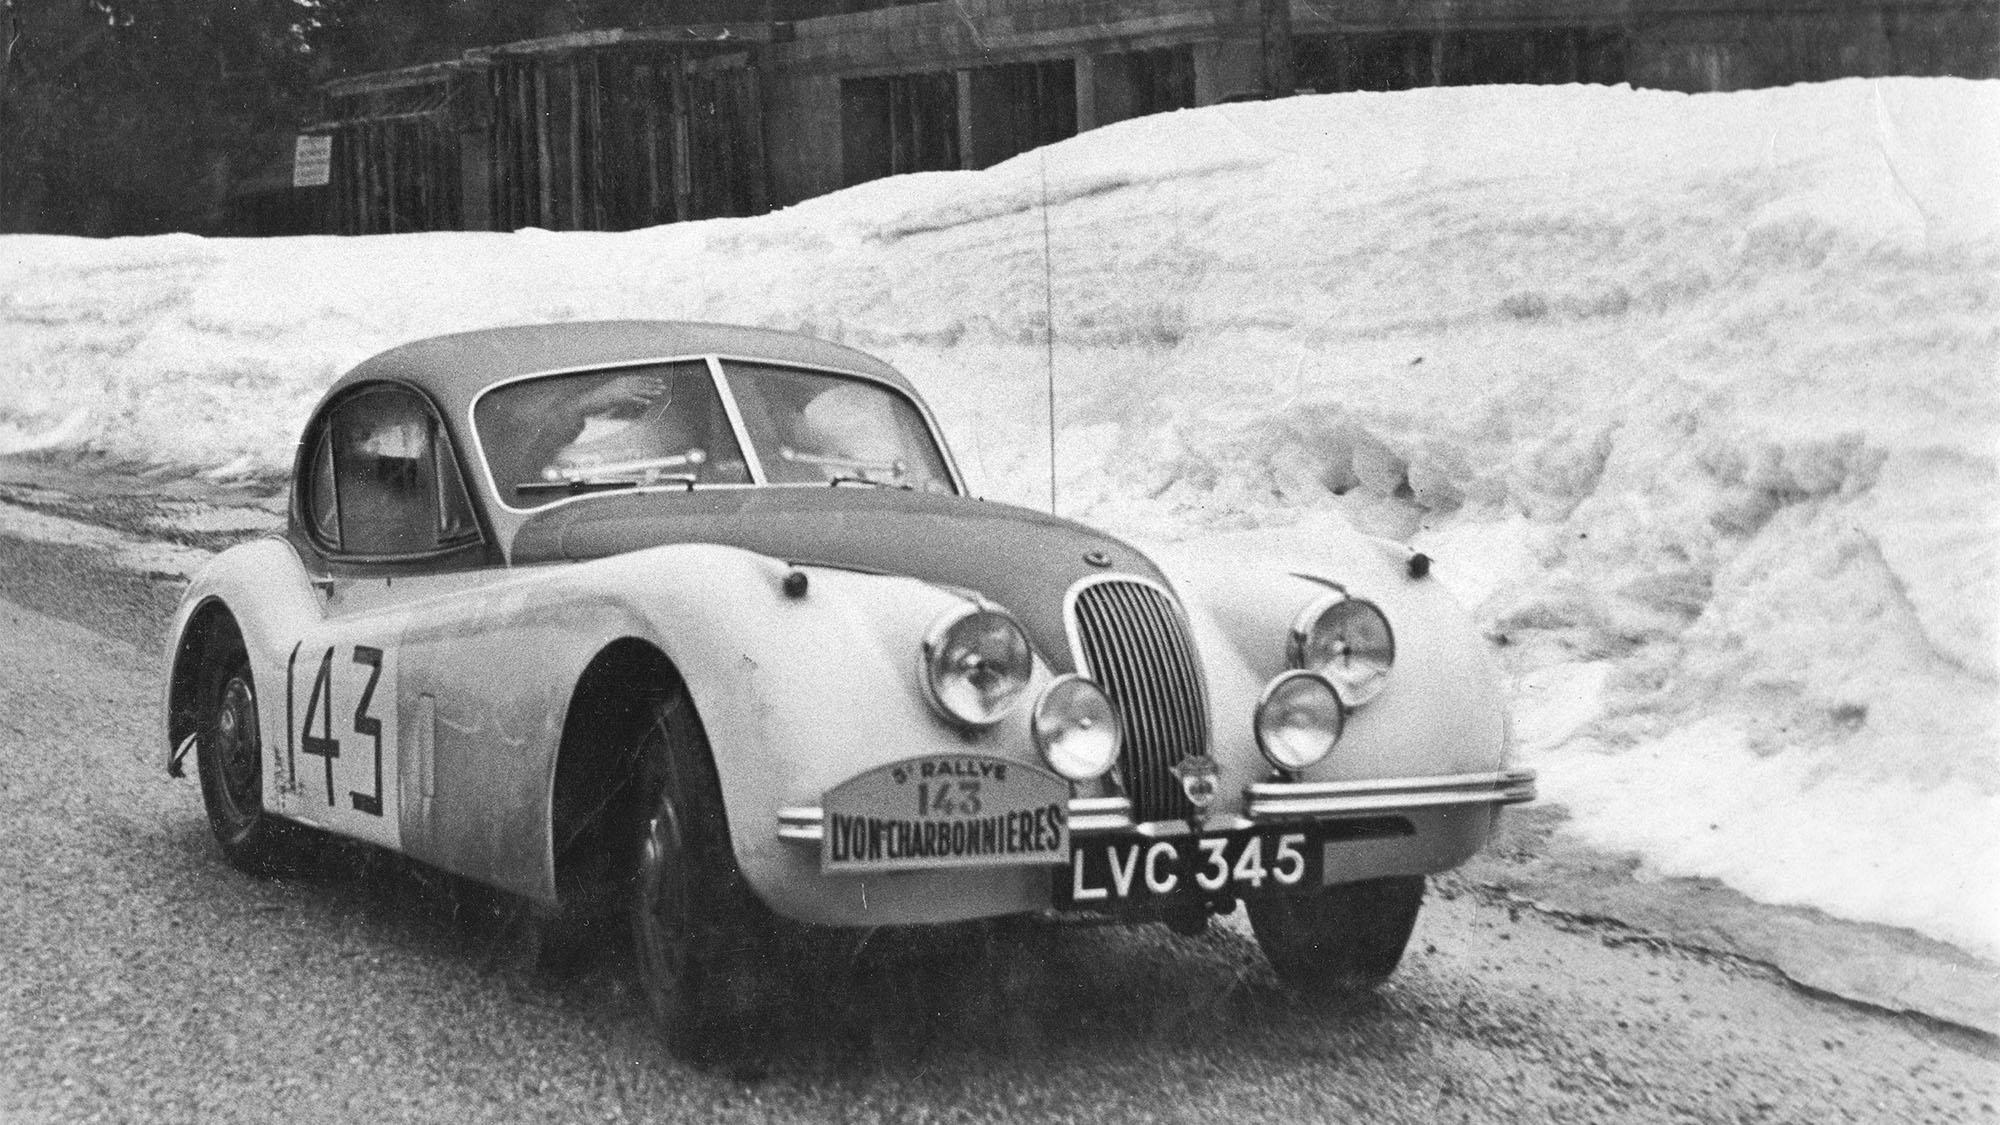 LyonChabonaire Jaguar XK